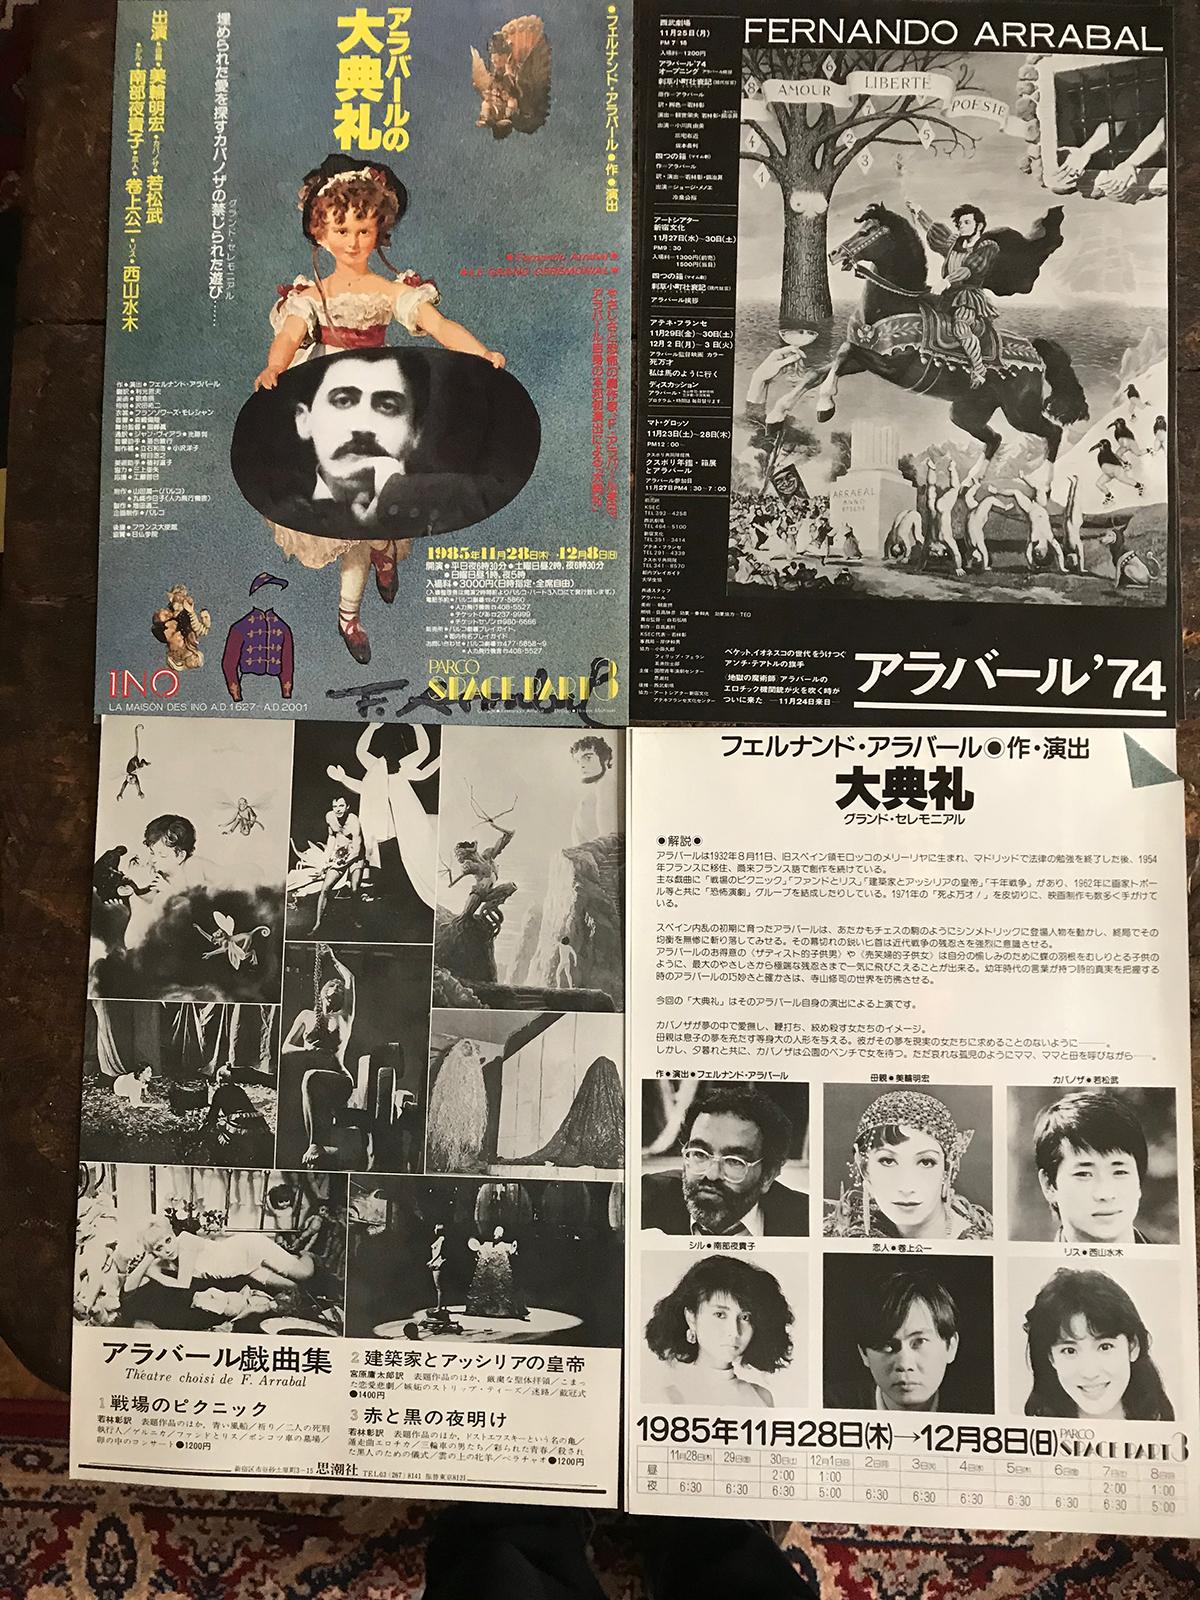 Affichette de communication autour de la représentation de «La Jeunesse Illustrée», le 28 novembre 1985», à Tokyo.